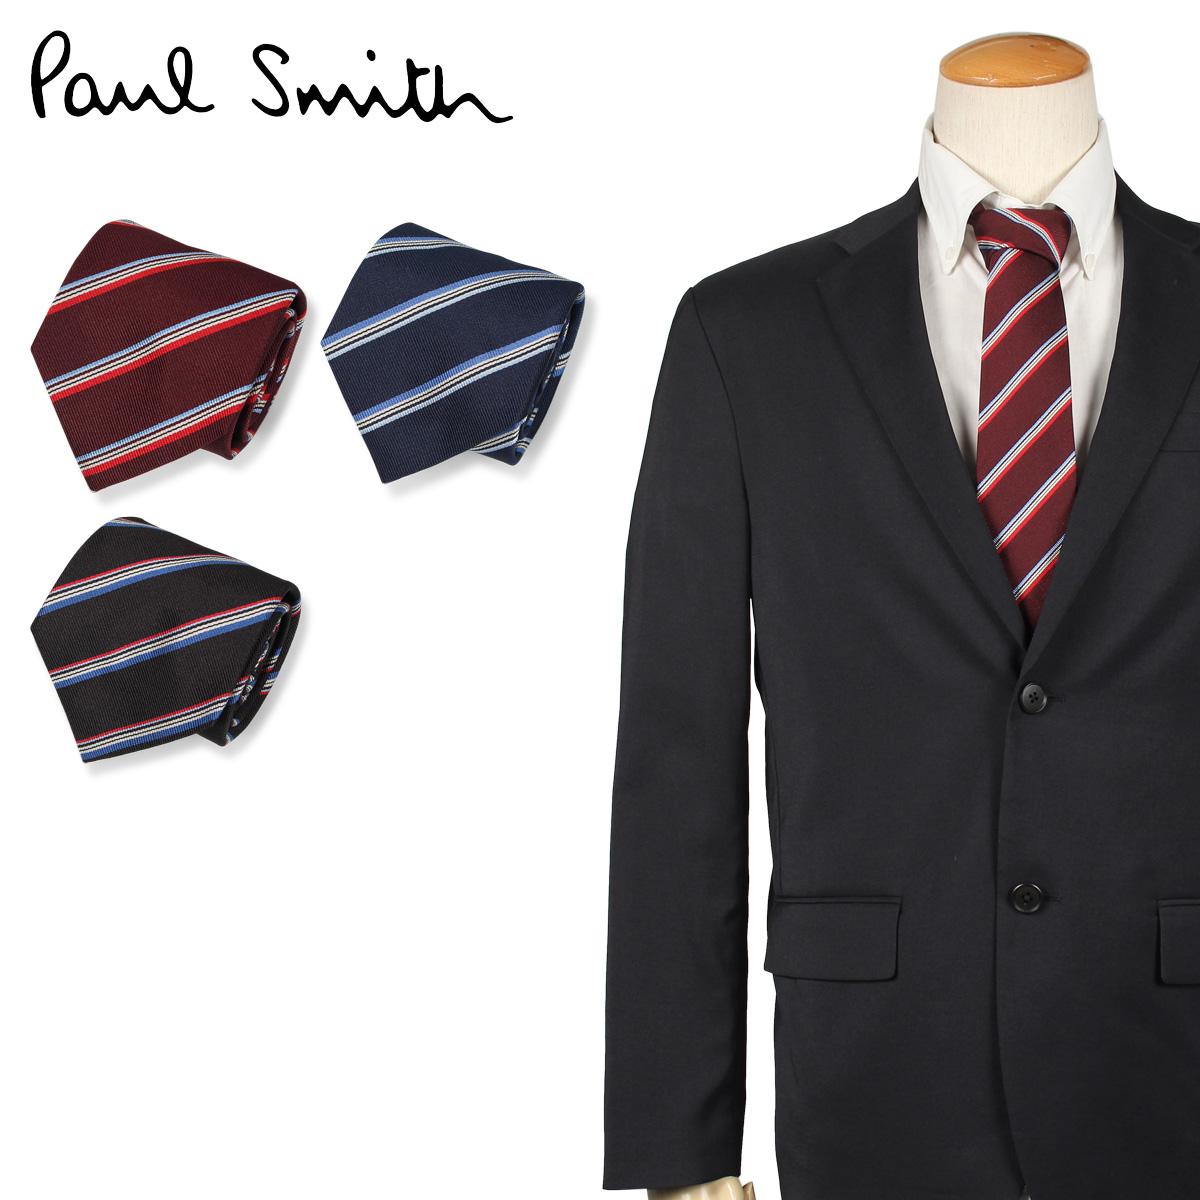 ポールスミス Paul Smith ネクタイ メンズ イタリア製 シルク ビジネス 結婚式